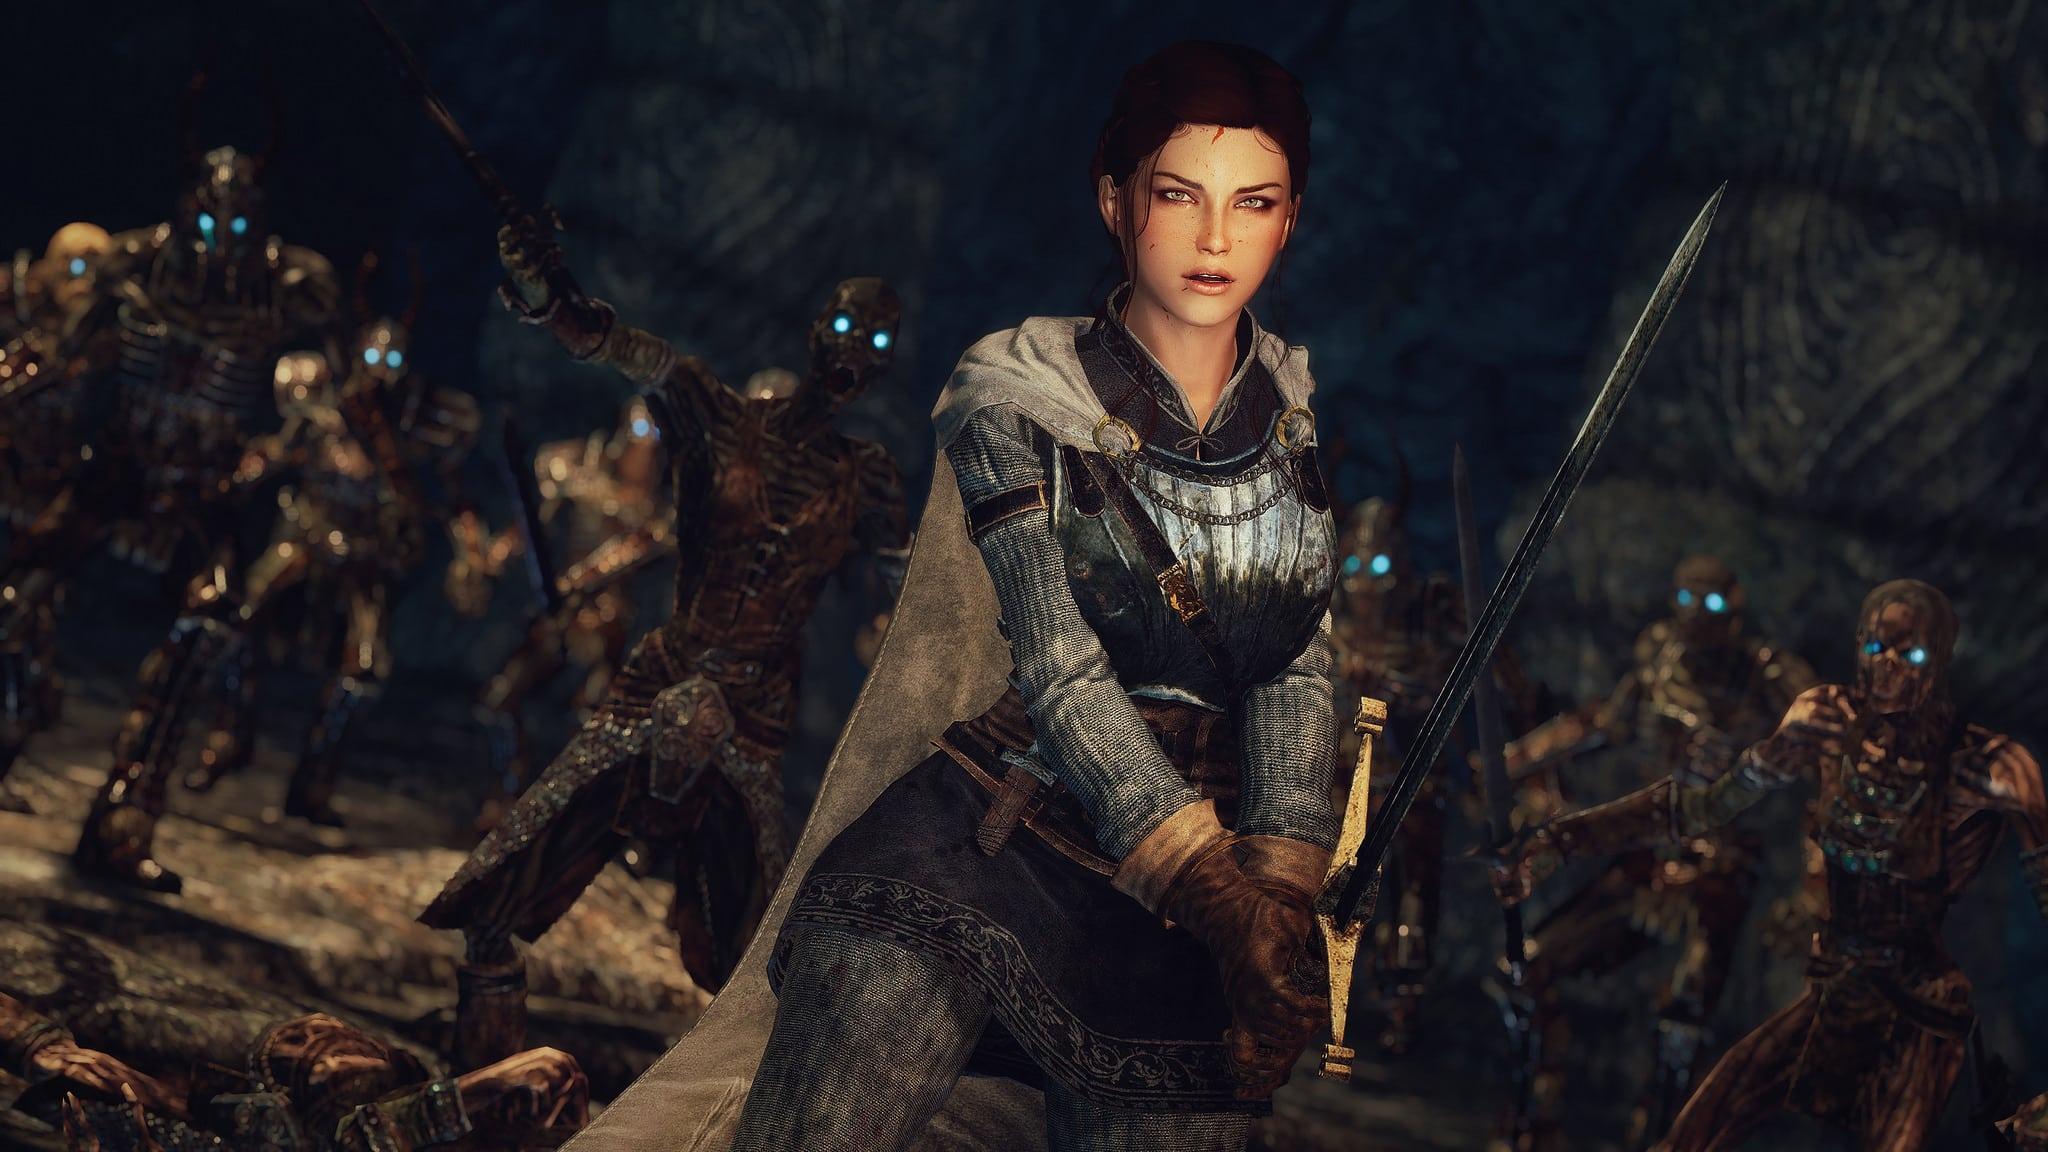 The Elder Scrolls V: Skyrim - Immer noch unerreicht!